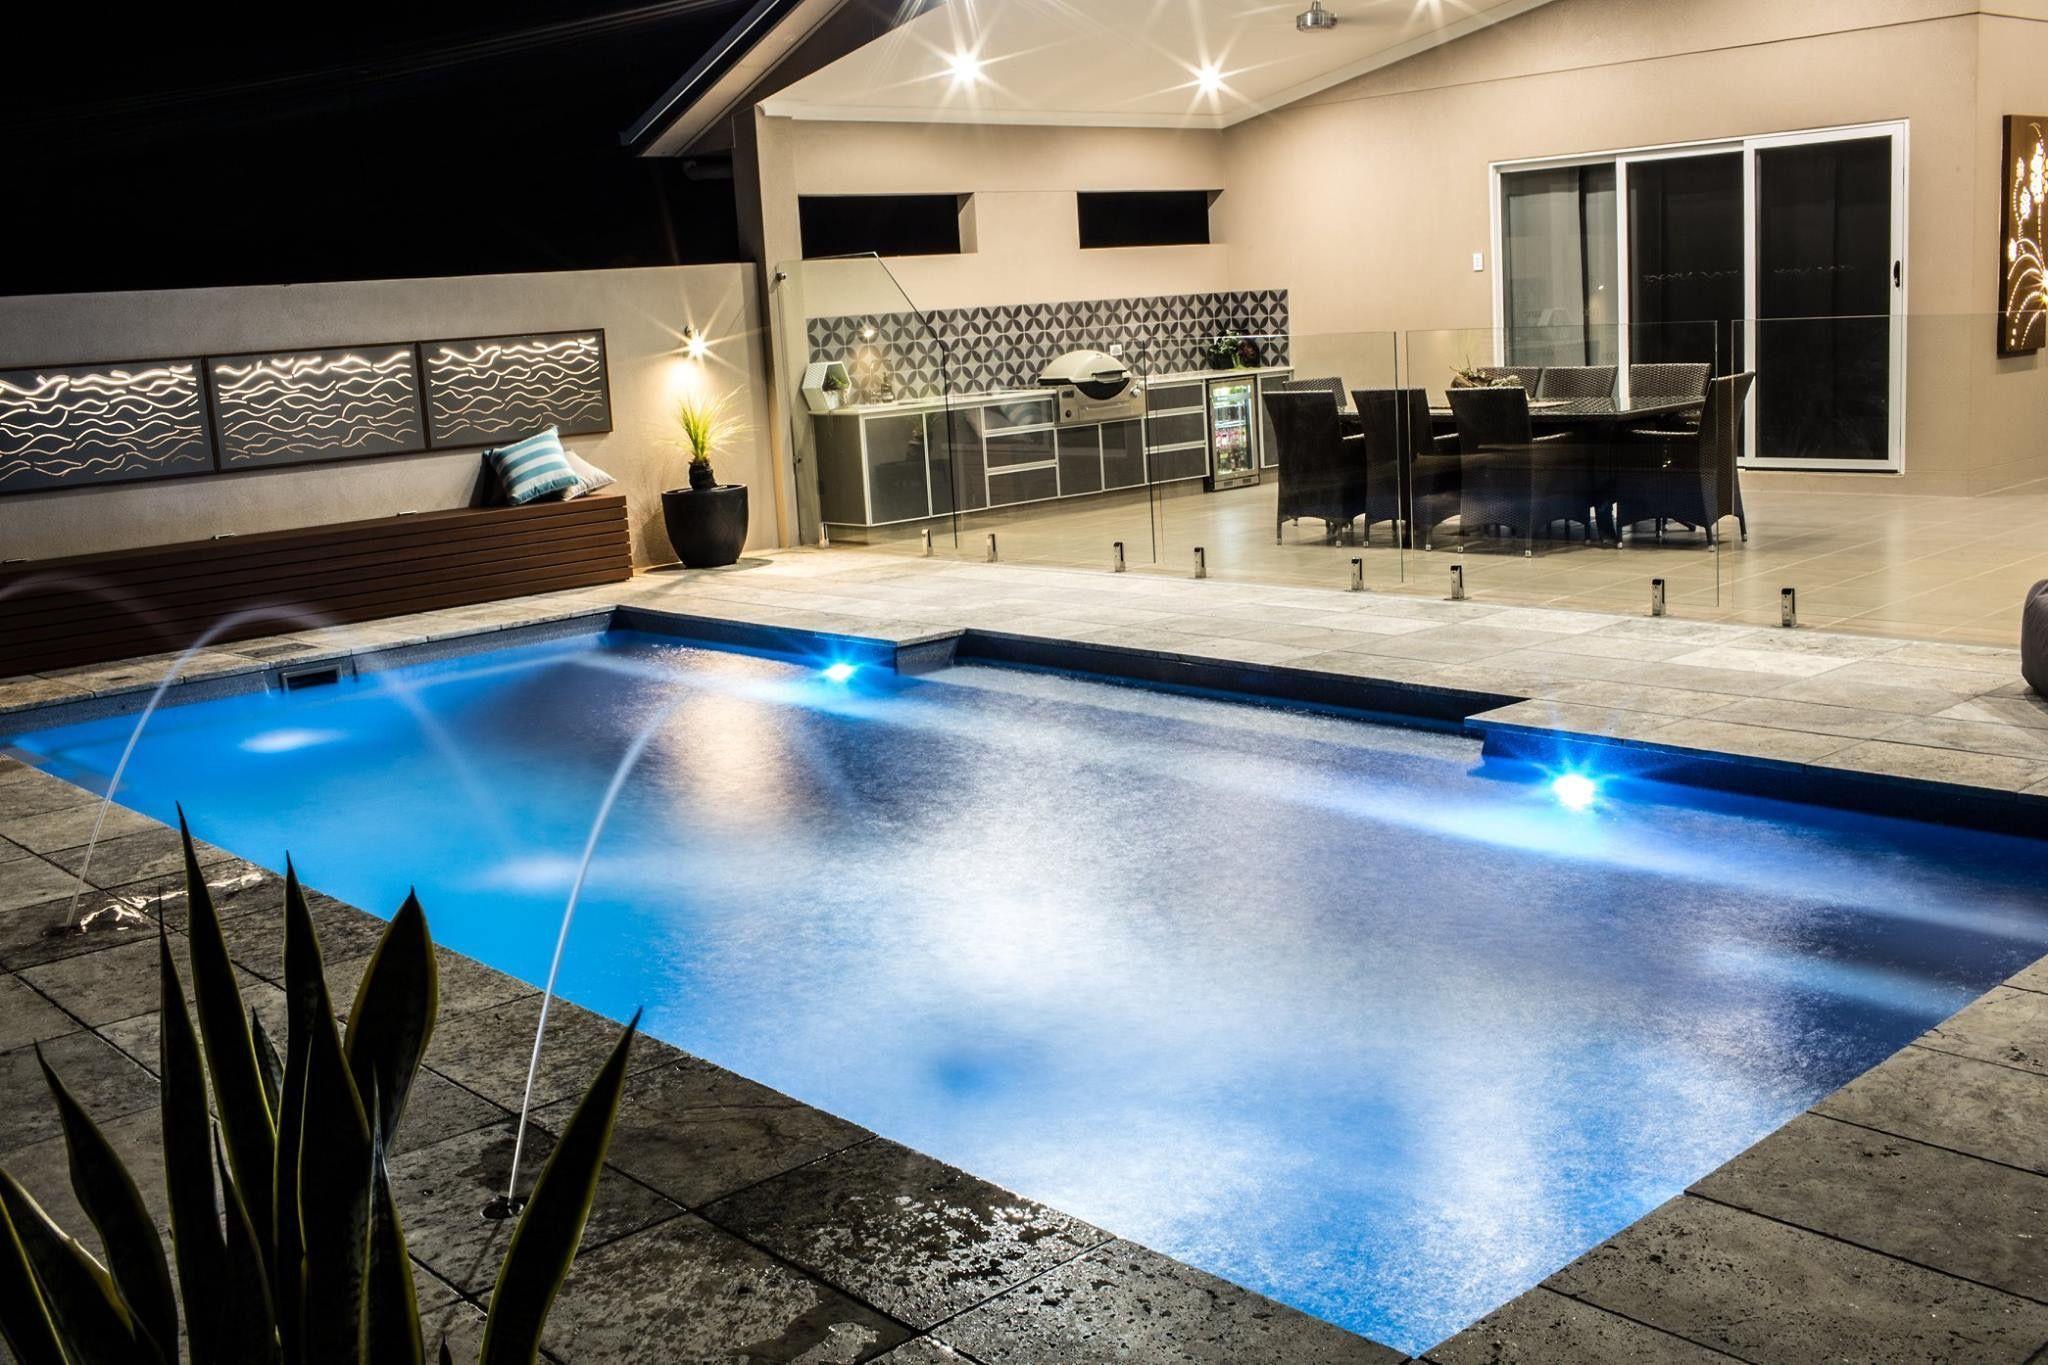 Dreams pool (avec images) Piscine maison, Piscine, Maison